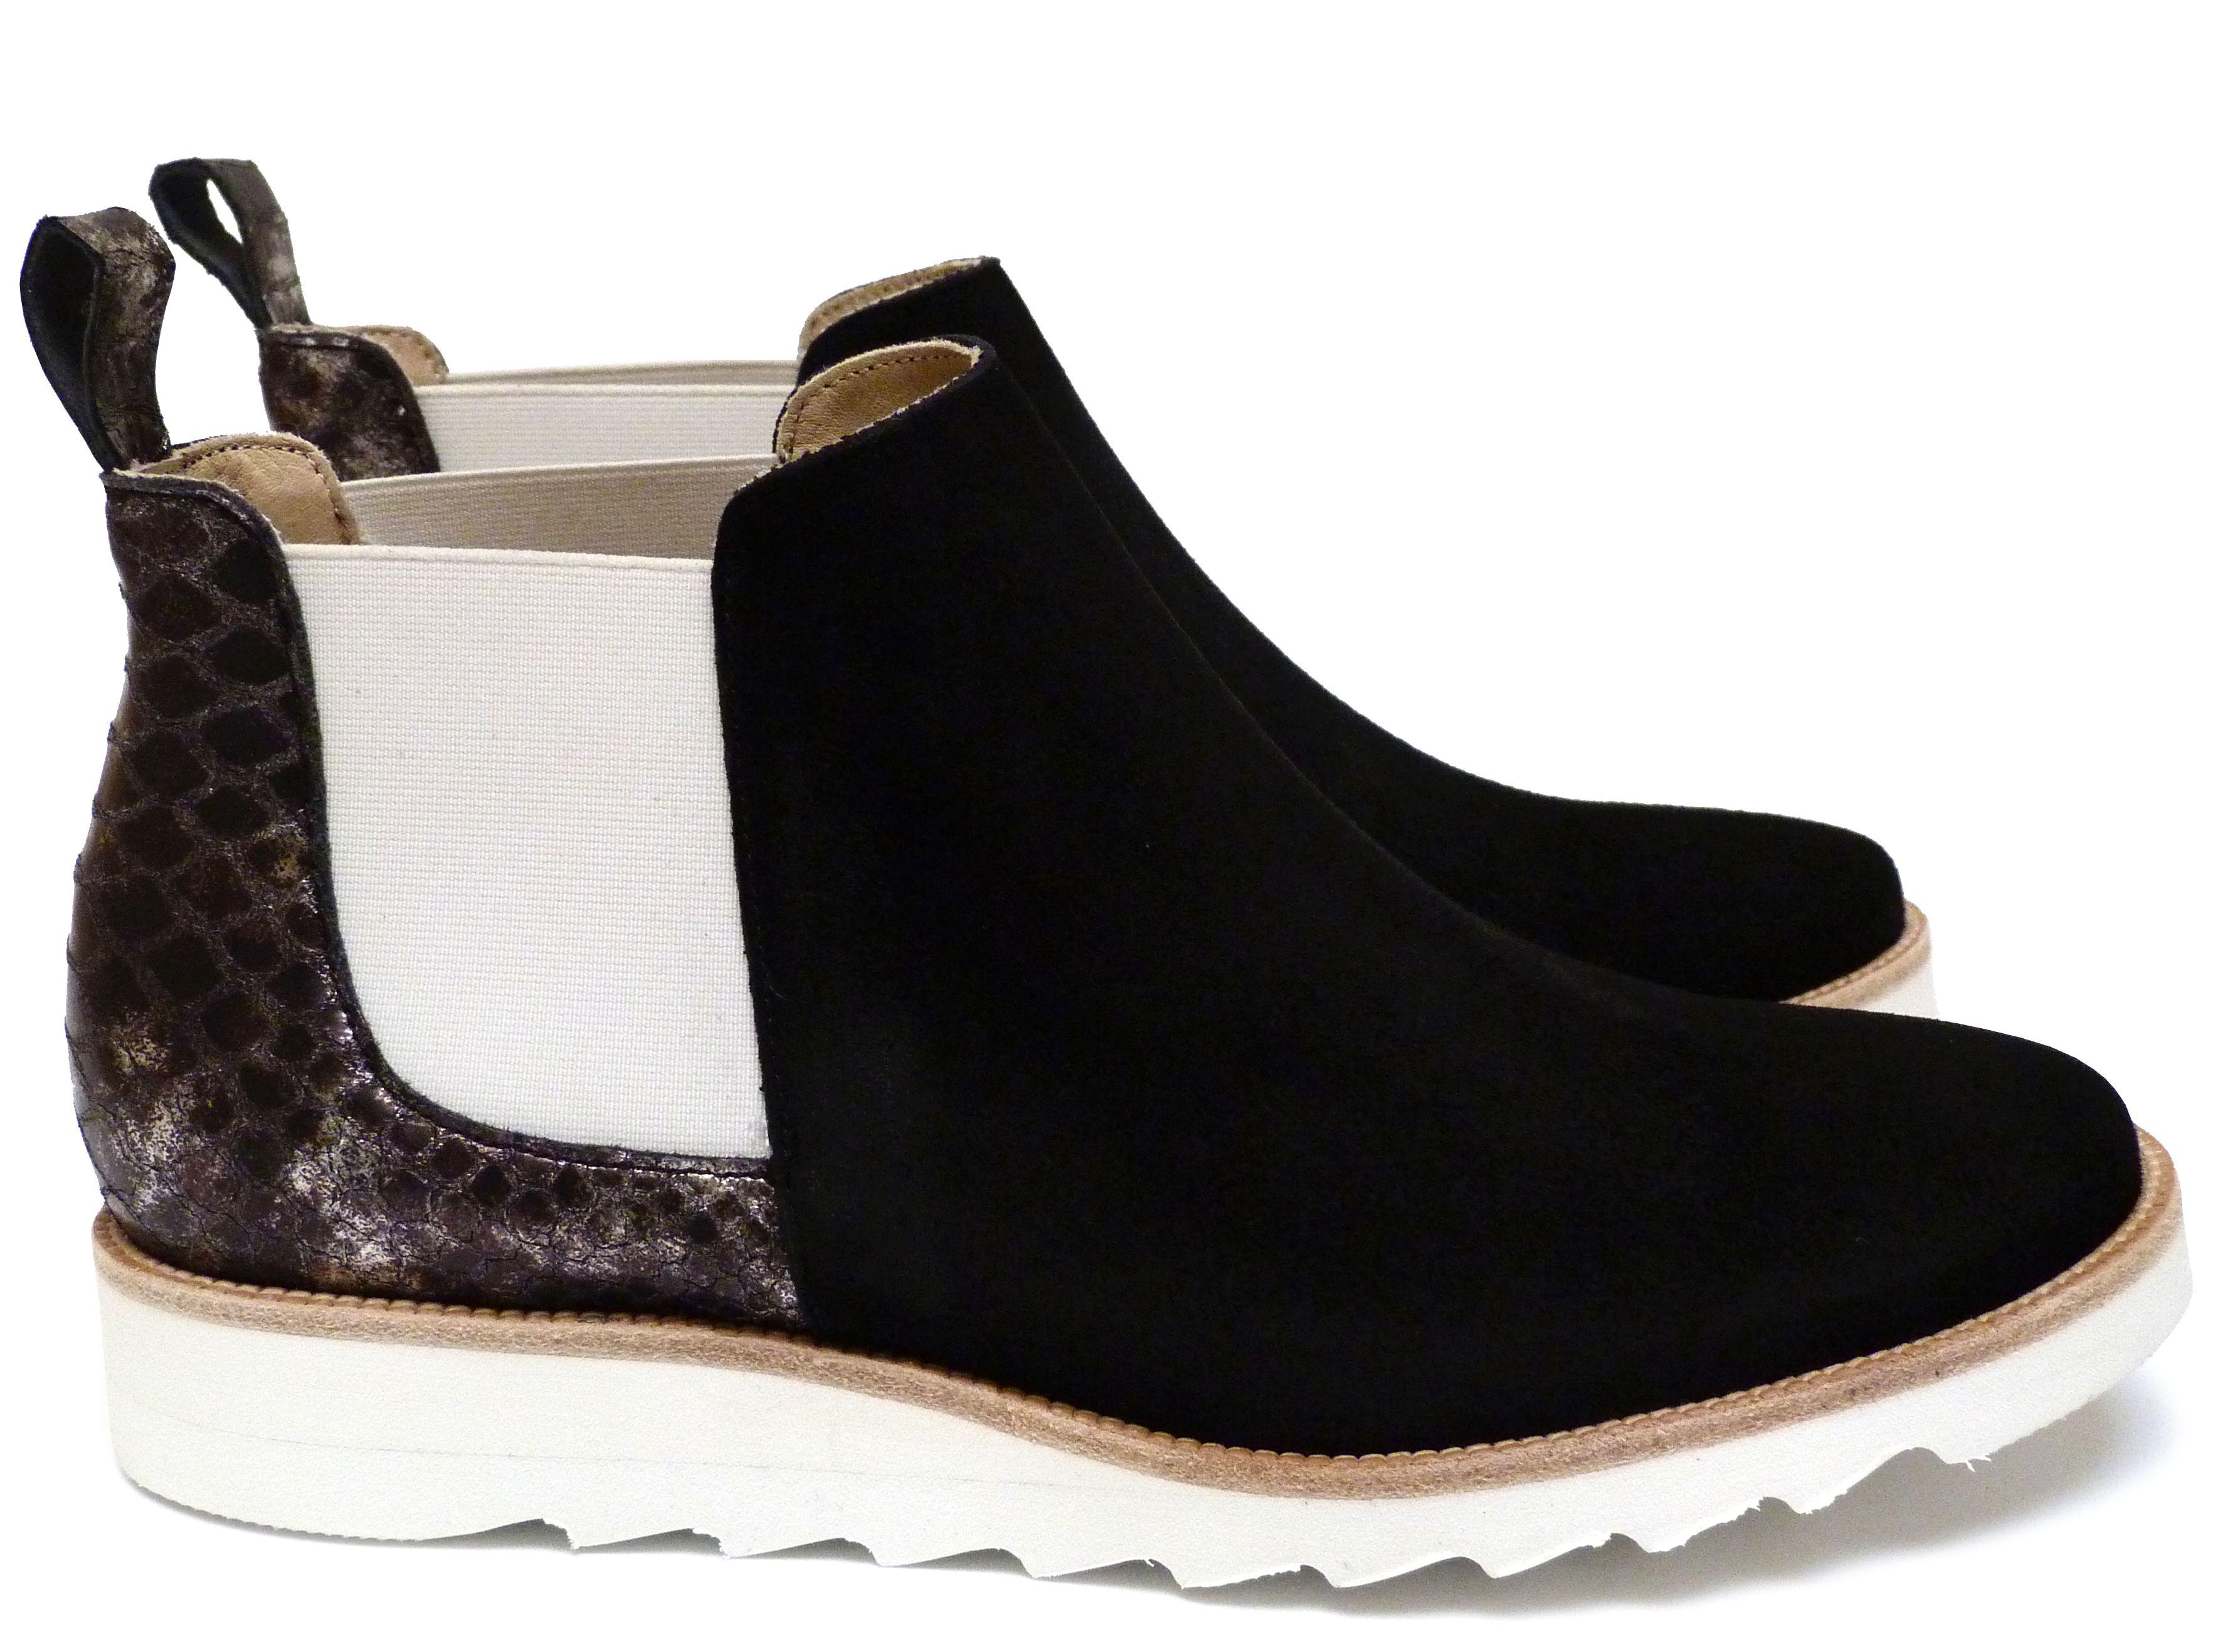 4b8e038bdfb Chaussures Femme Boots Printemps Eté 2015 Maurice Manufacture BRENDA Chèvre  velours noir - Cristaux noir